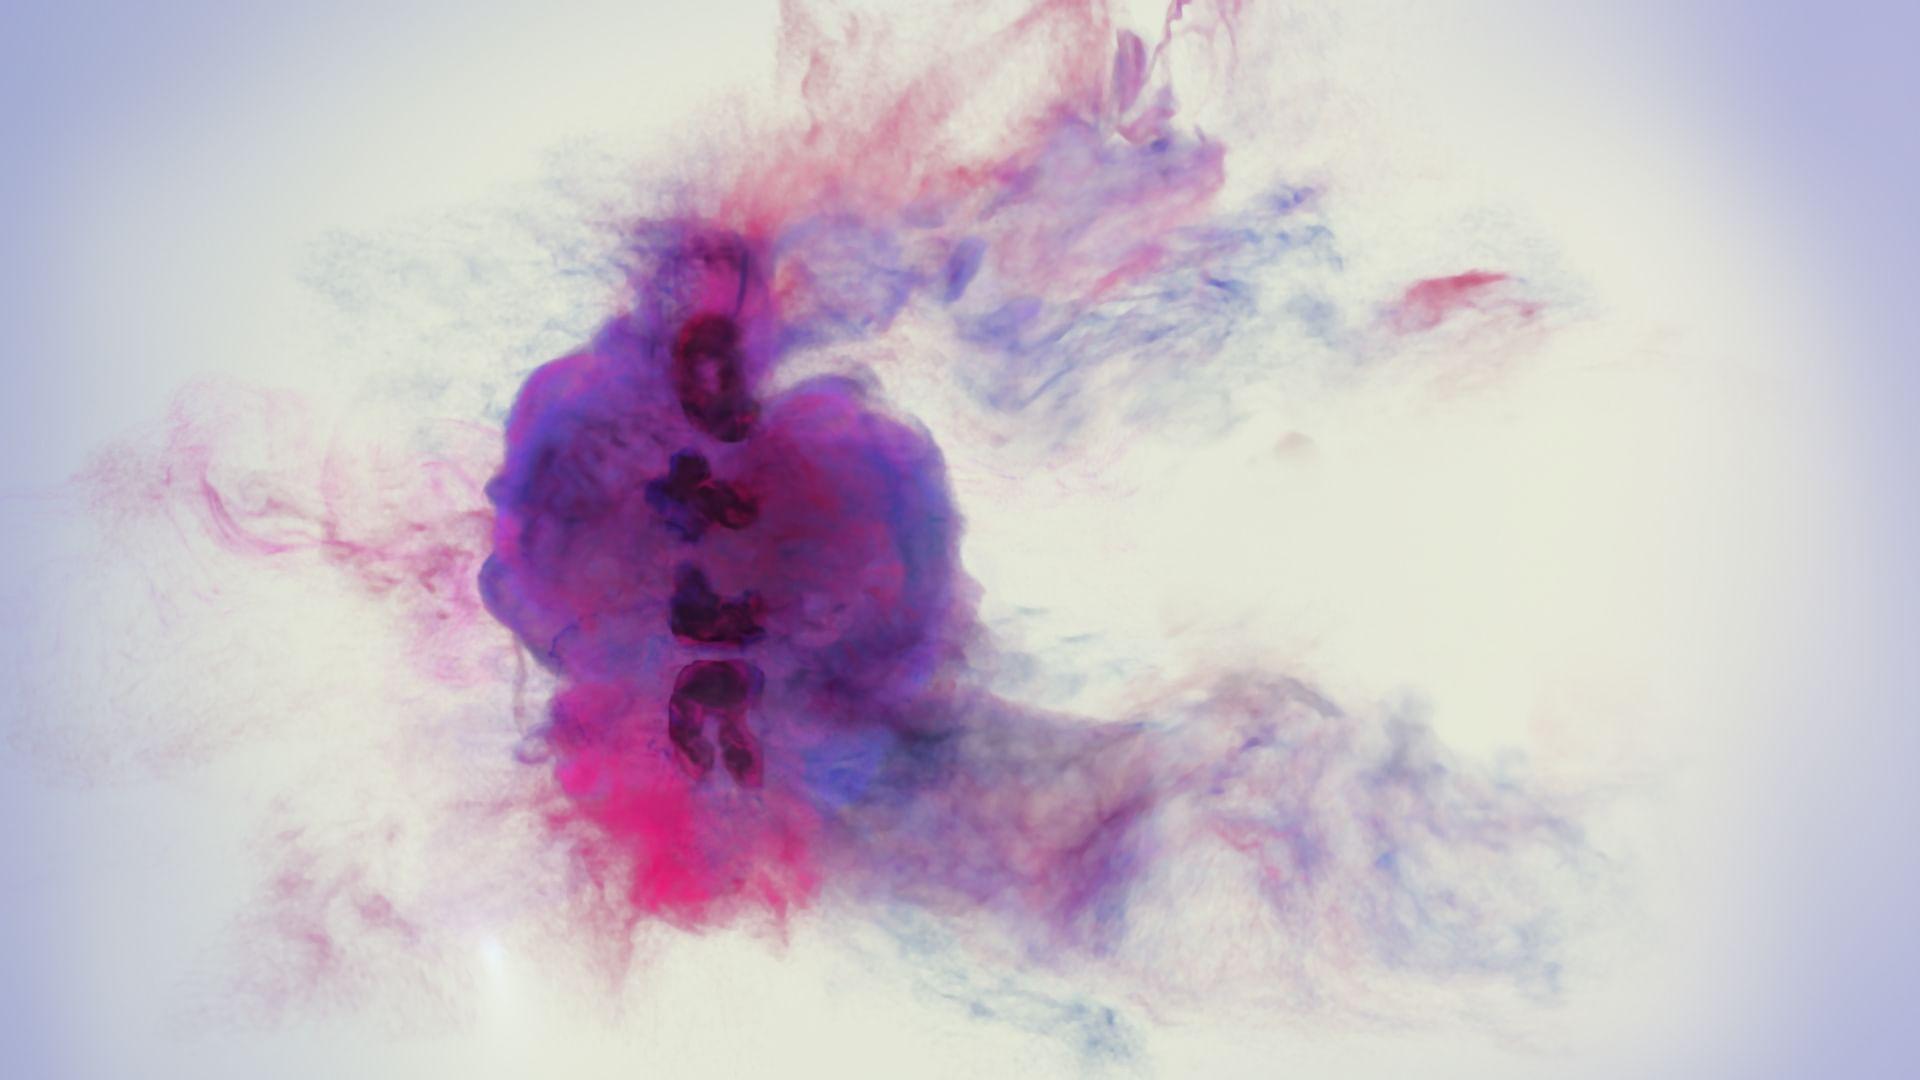 Kamelmilch, Kasachstans Wundermedizin